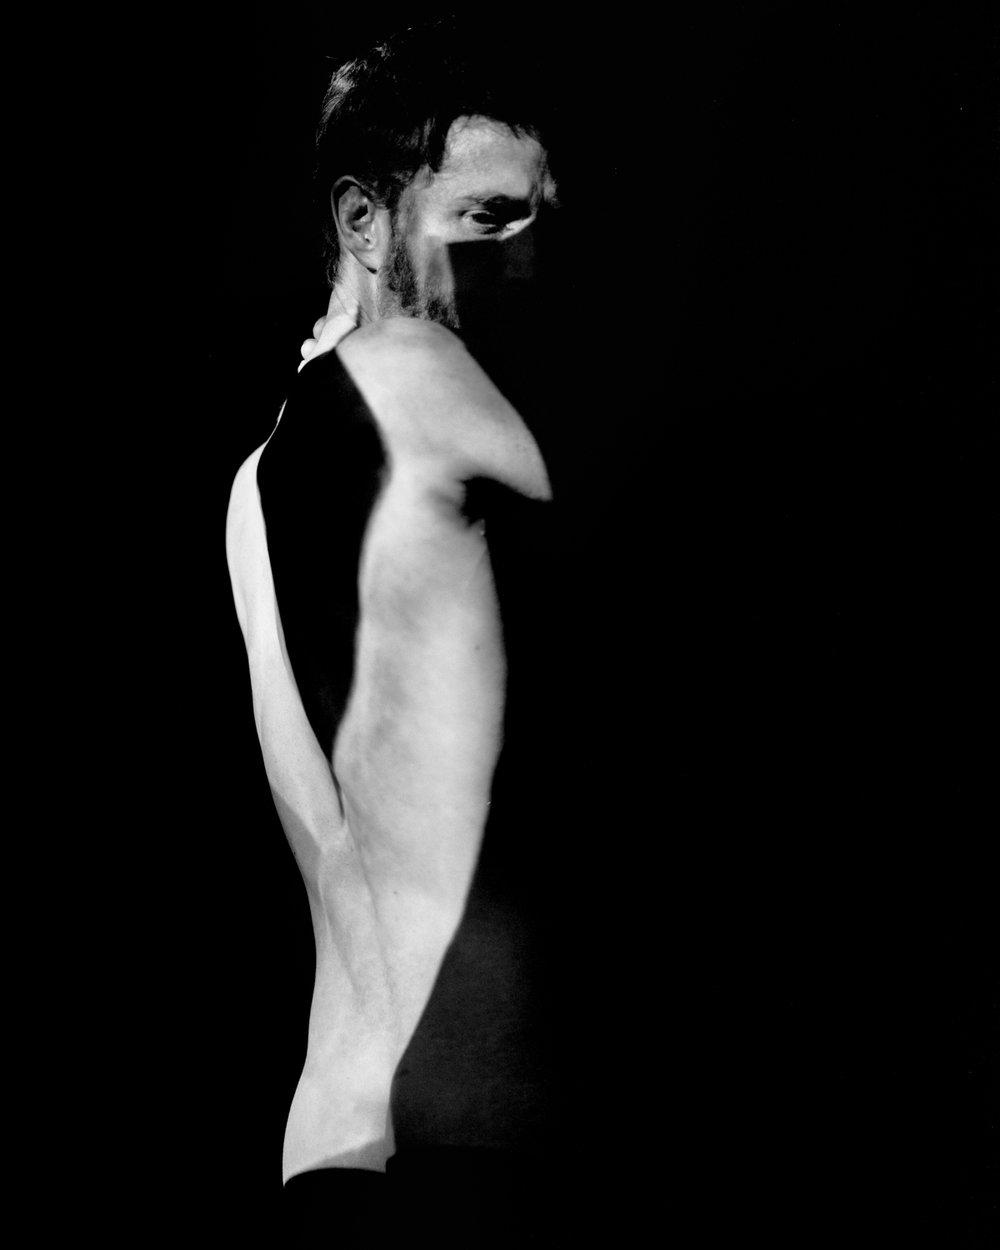 PaulSimon-MotionStudy-Online-10.jpg